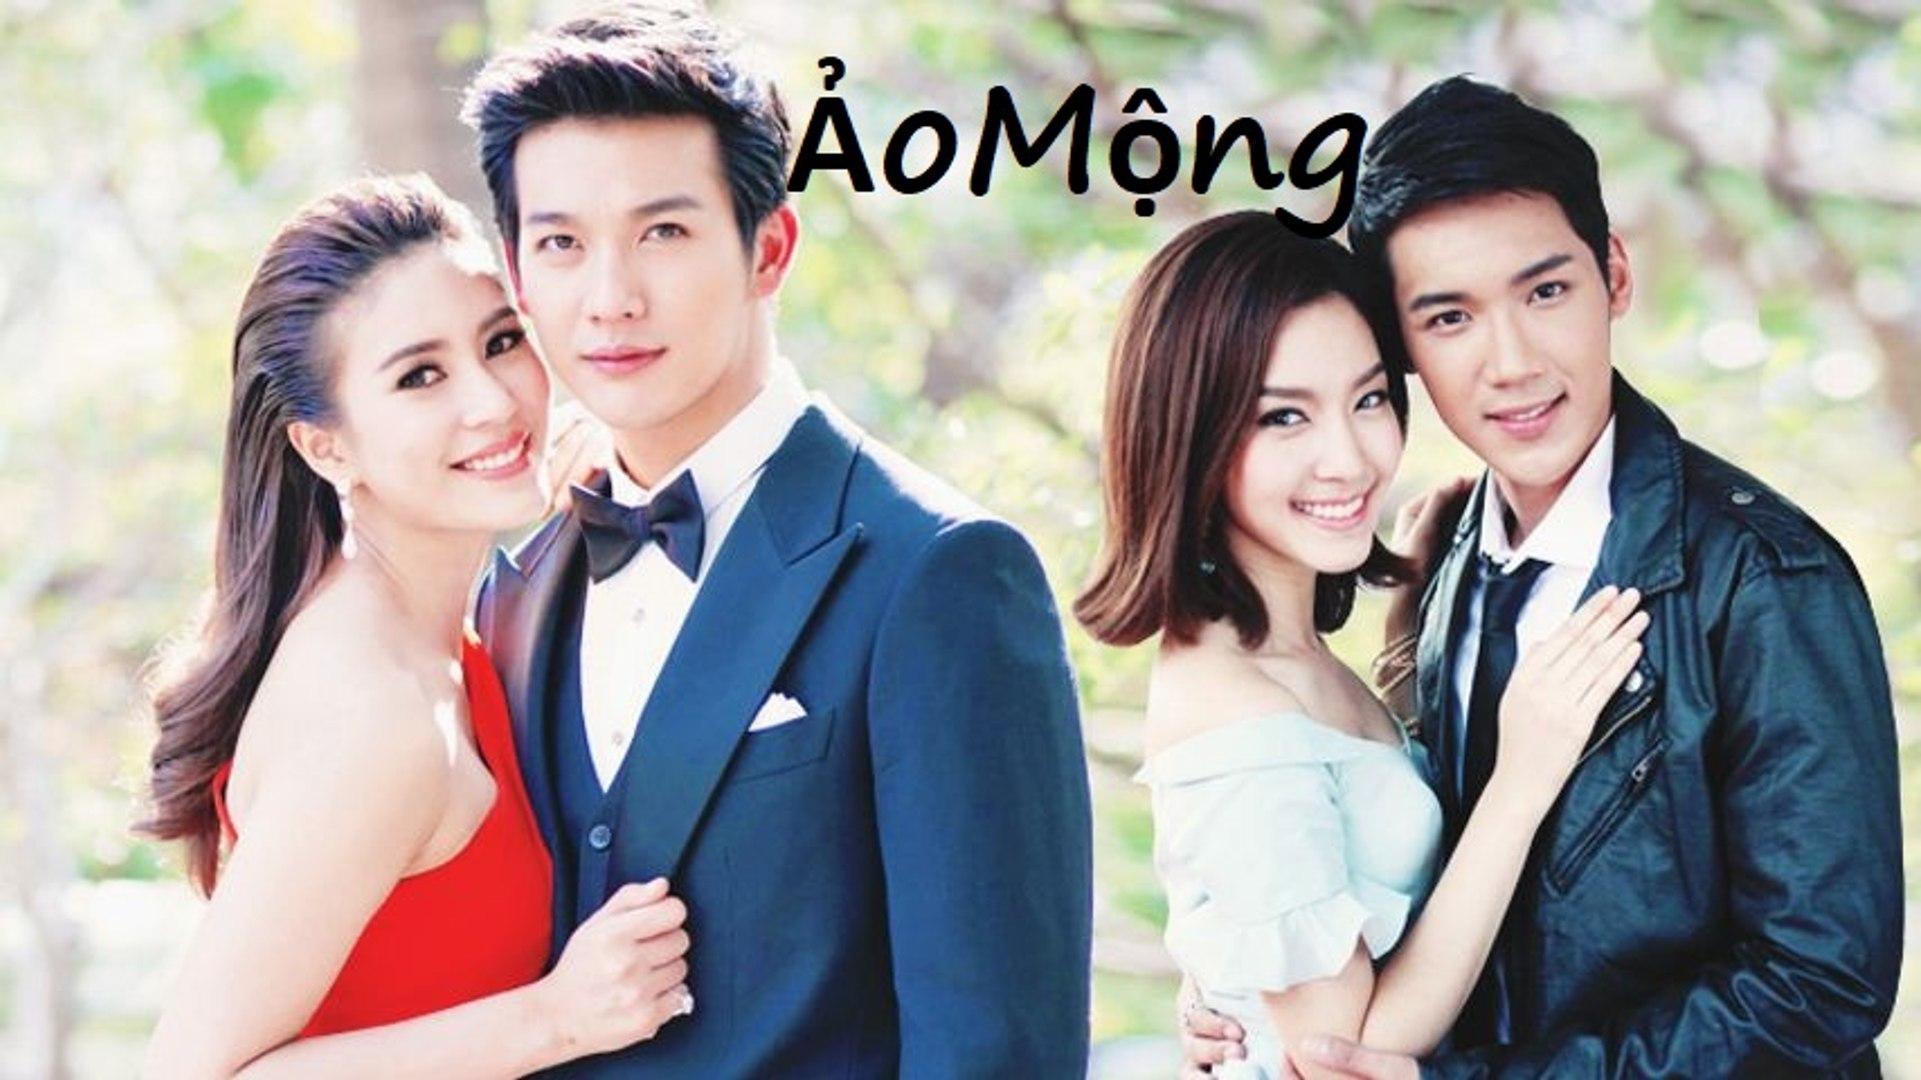 Phim Ảo Mộng Tập 21 (Lồng Tiếng) - Phim Thái Lan - Phim Tình Cảm